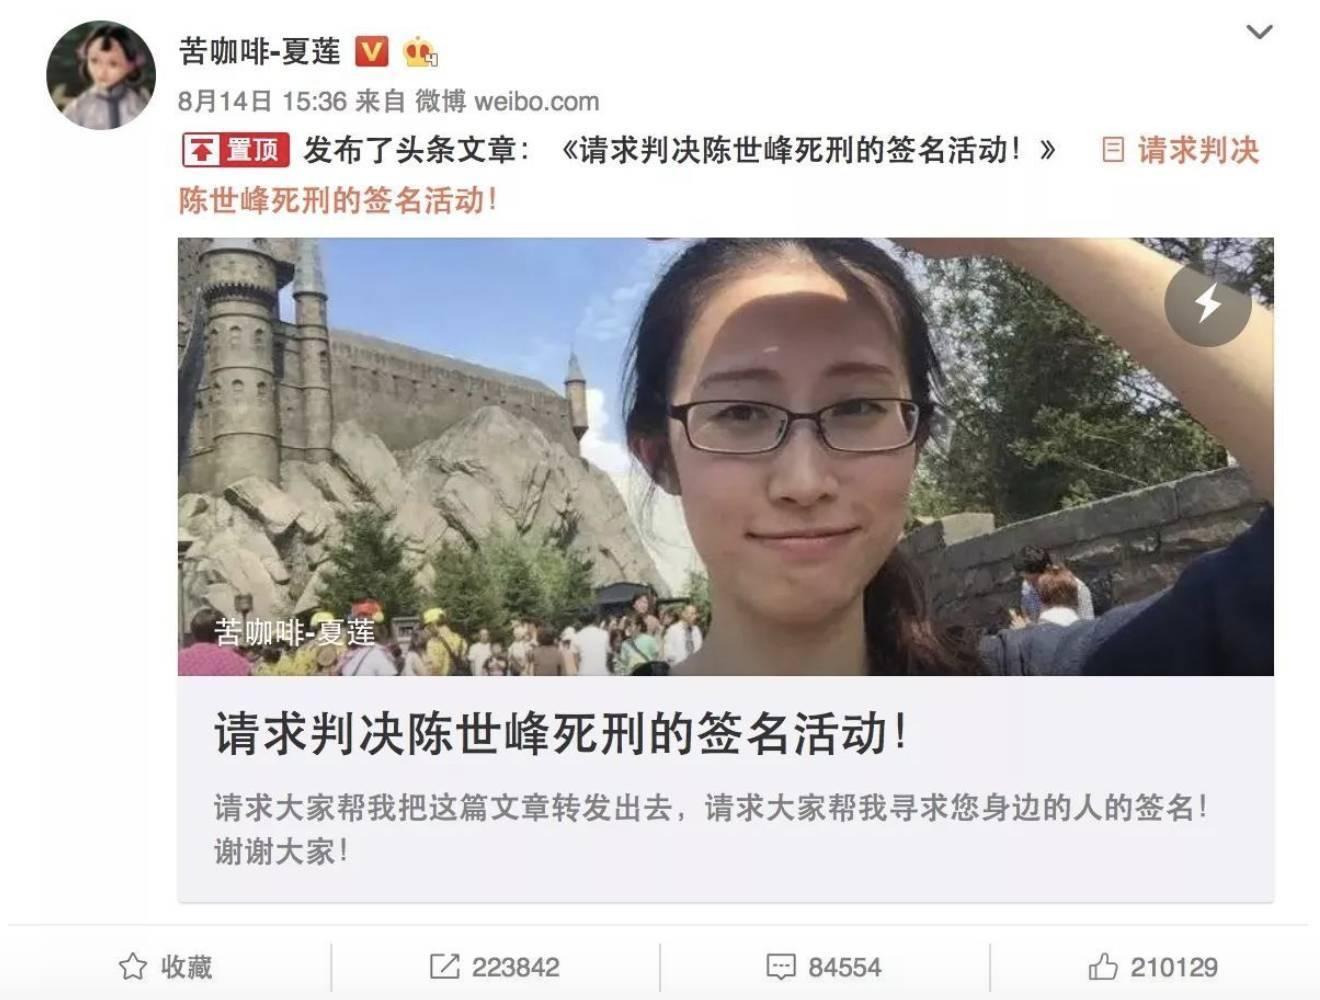 刘鑫江歌案: 法律可以制裁凶手,但谁来制裁人性?|茶余饭后 -...